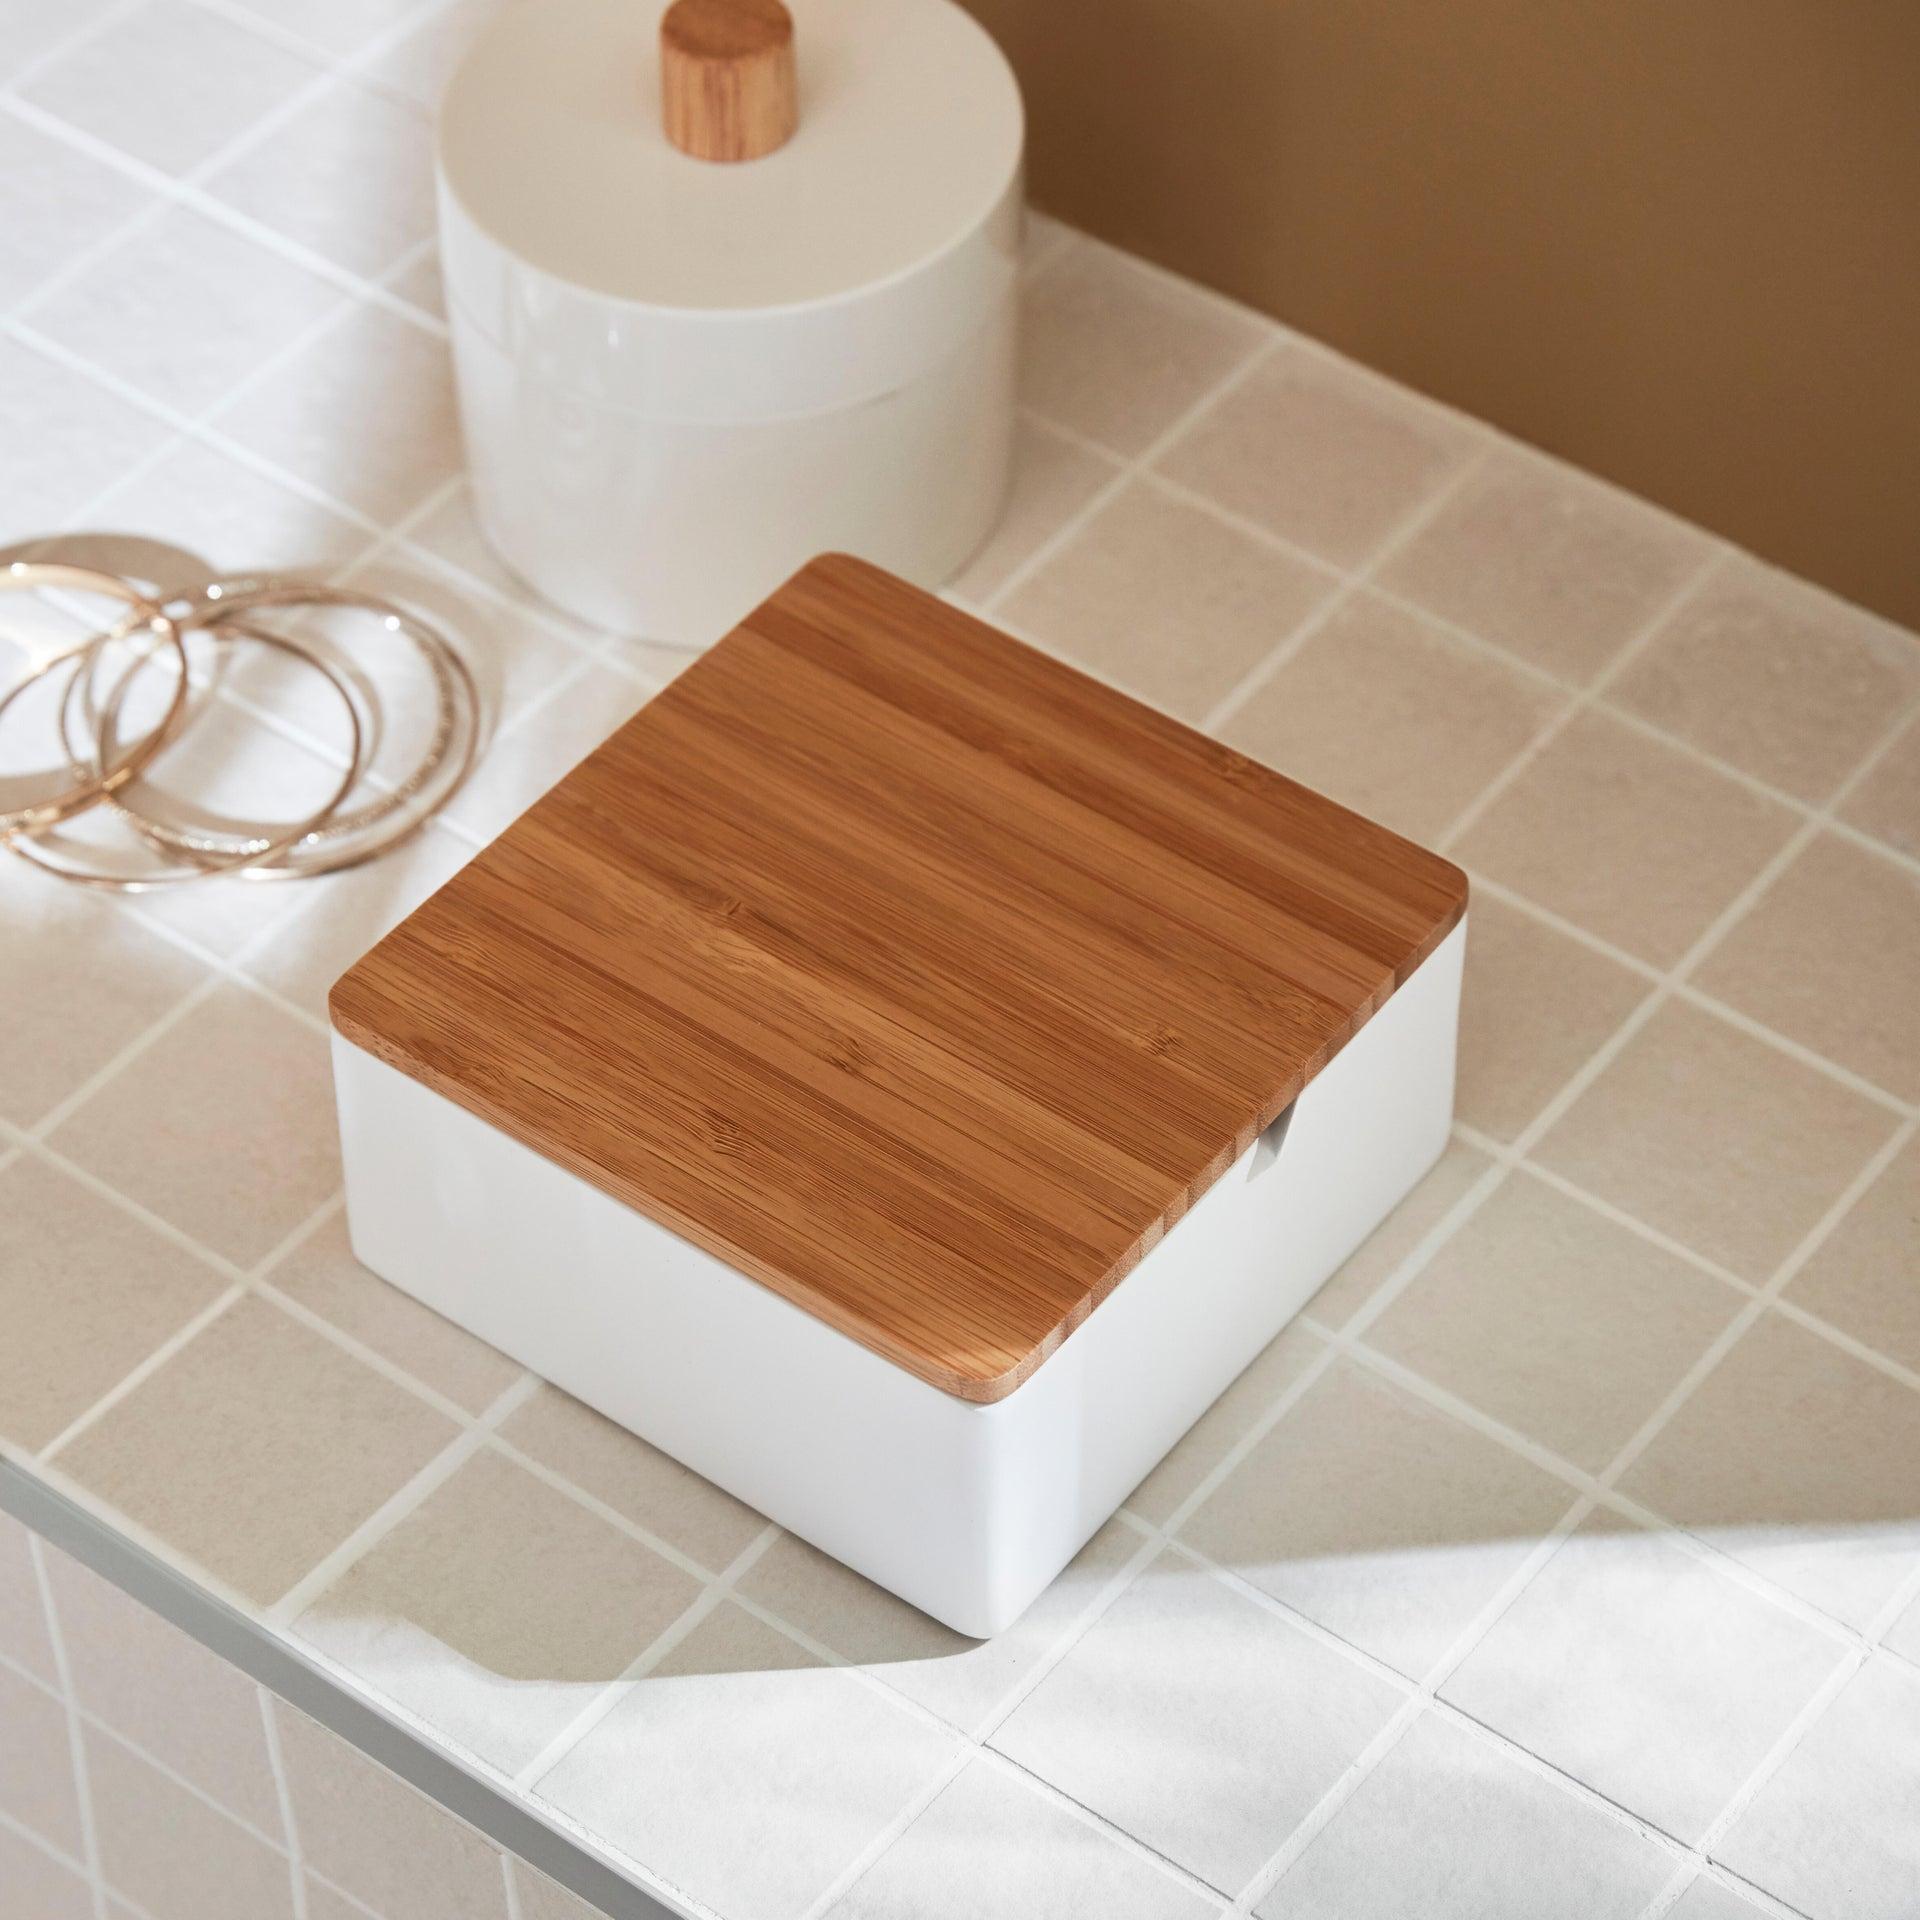 Porta cotone Scandi in plastica bianco SENSEA - 4